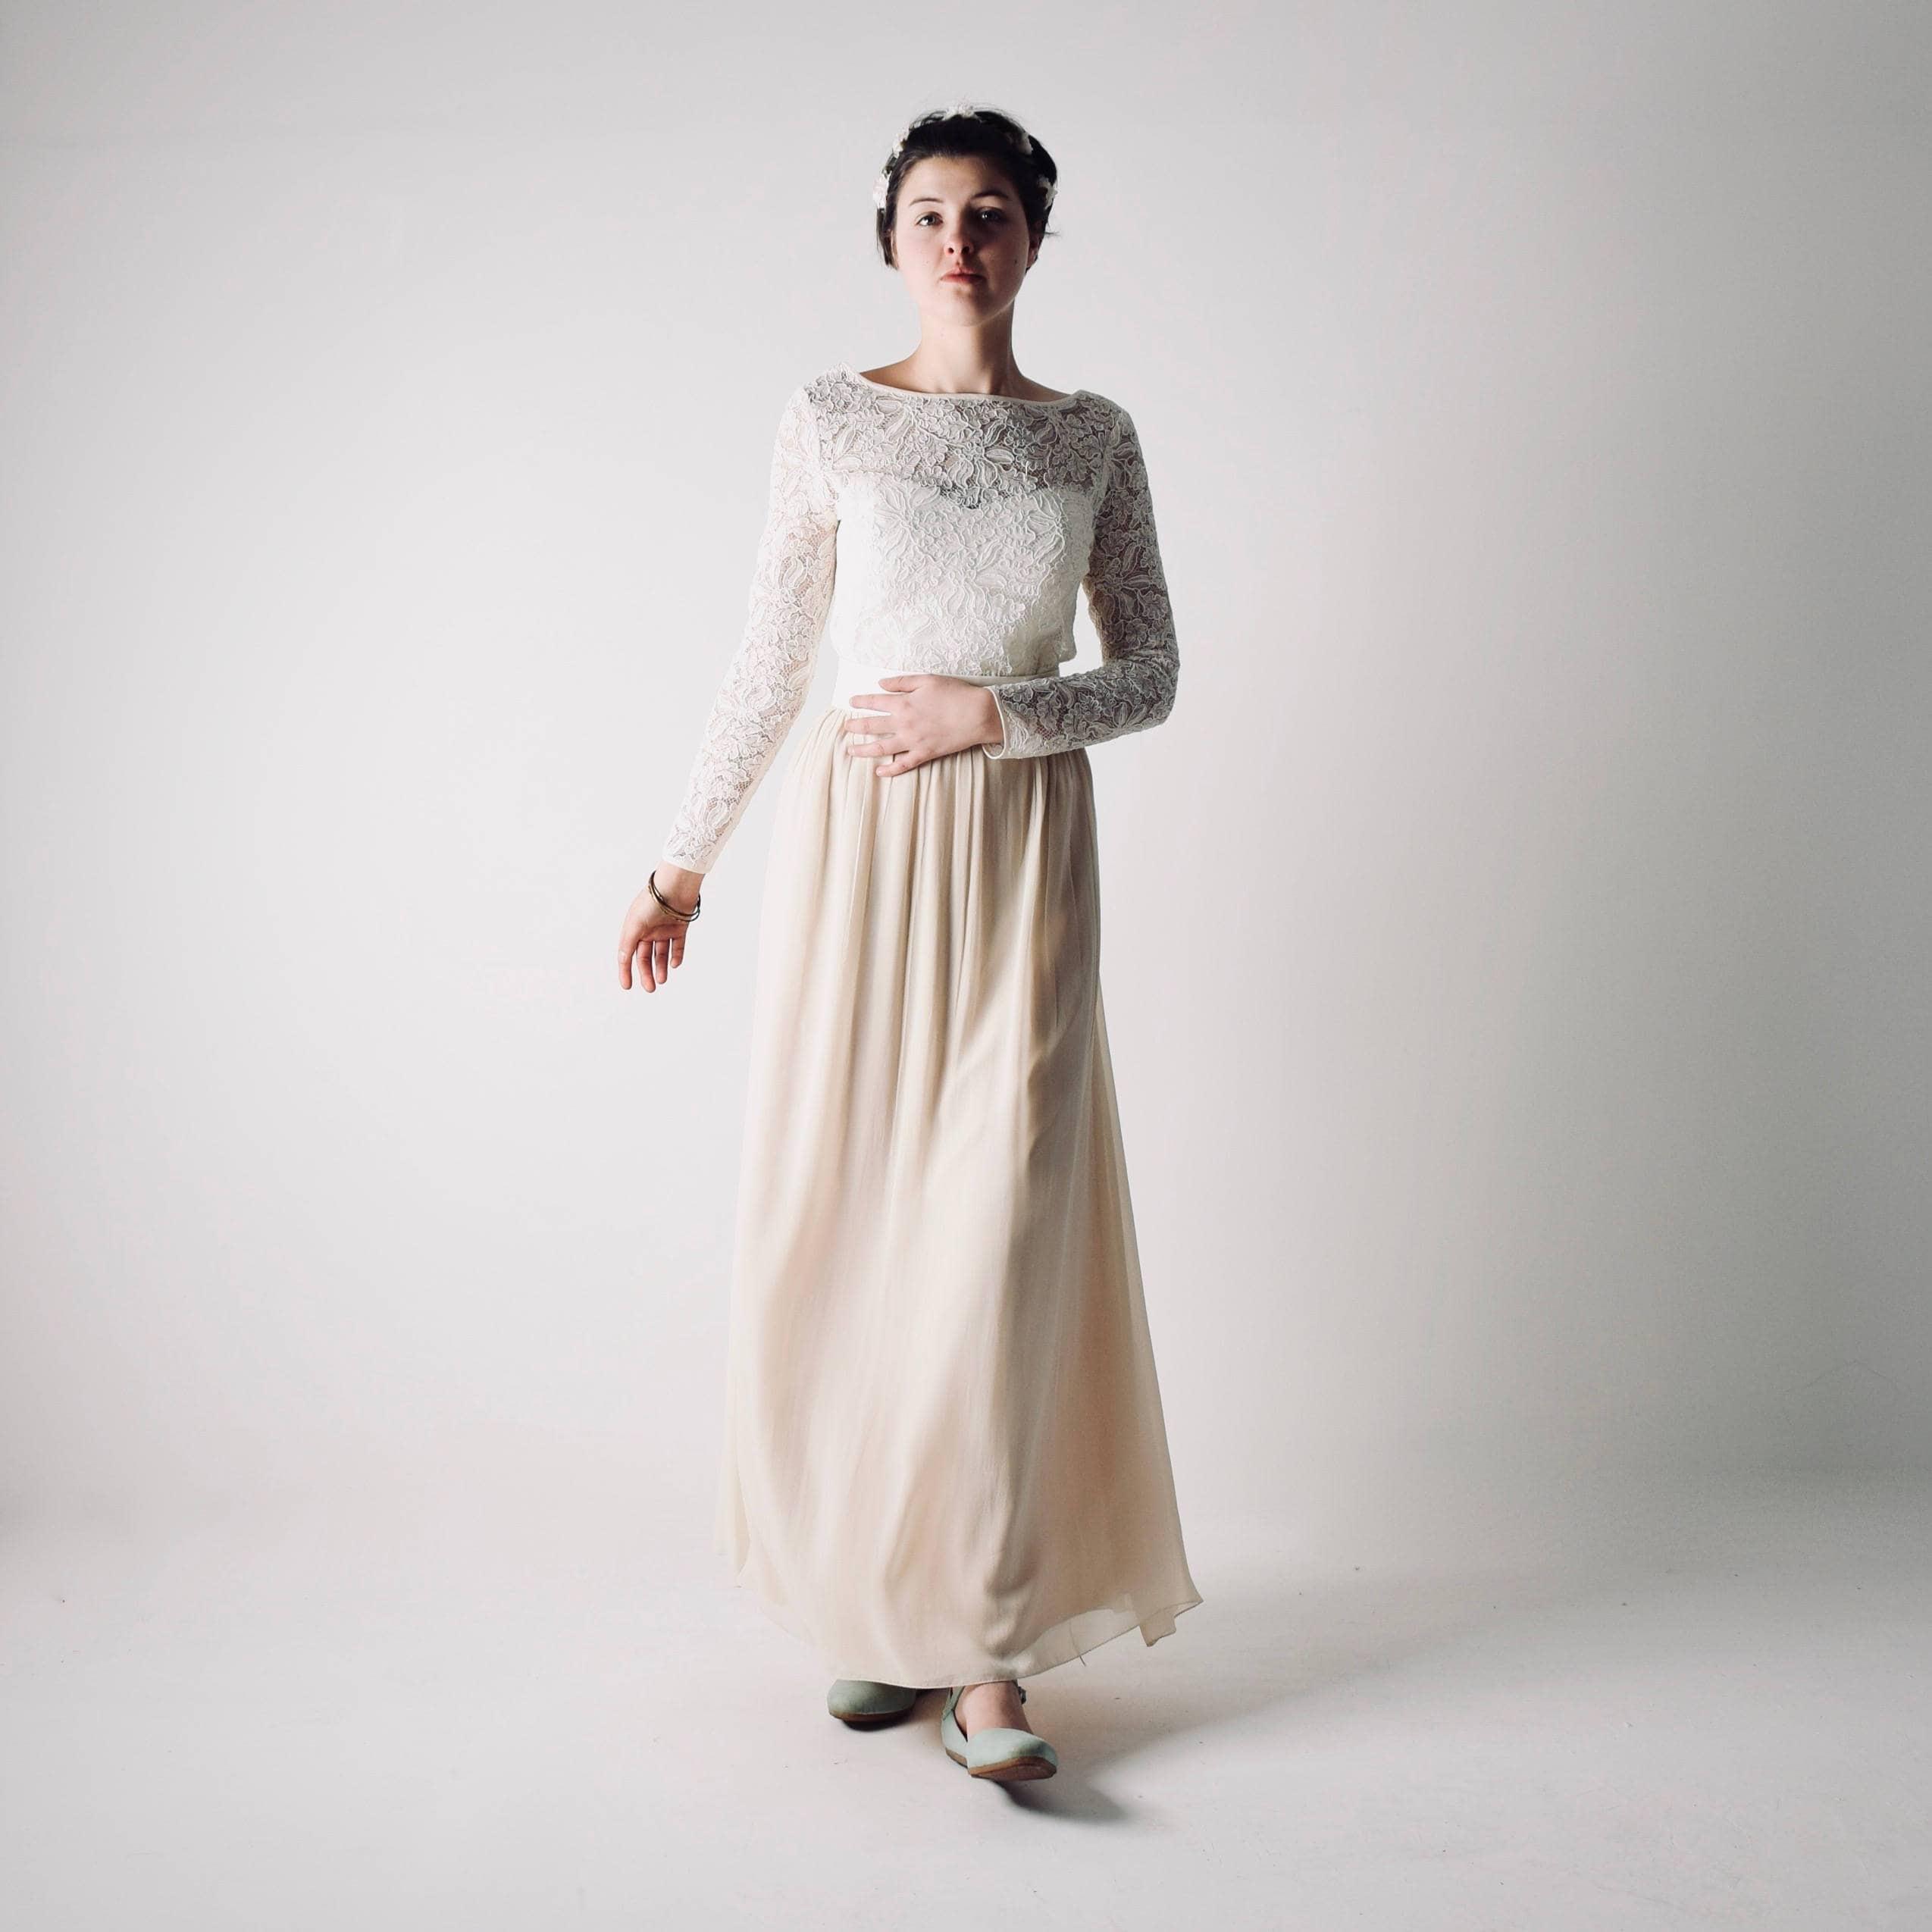 High Waist Vinca Long Sleeve Modest Wedding Dress